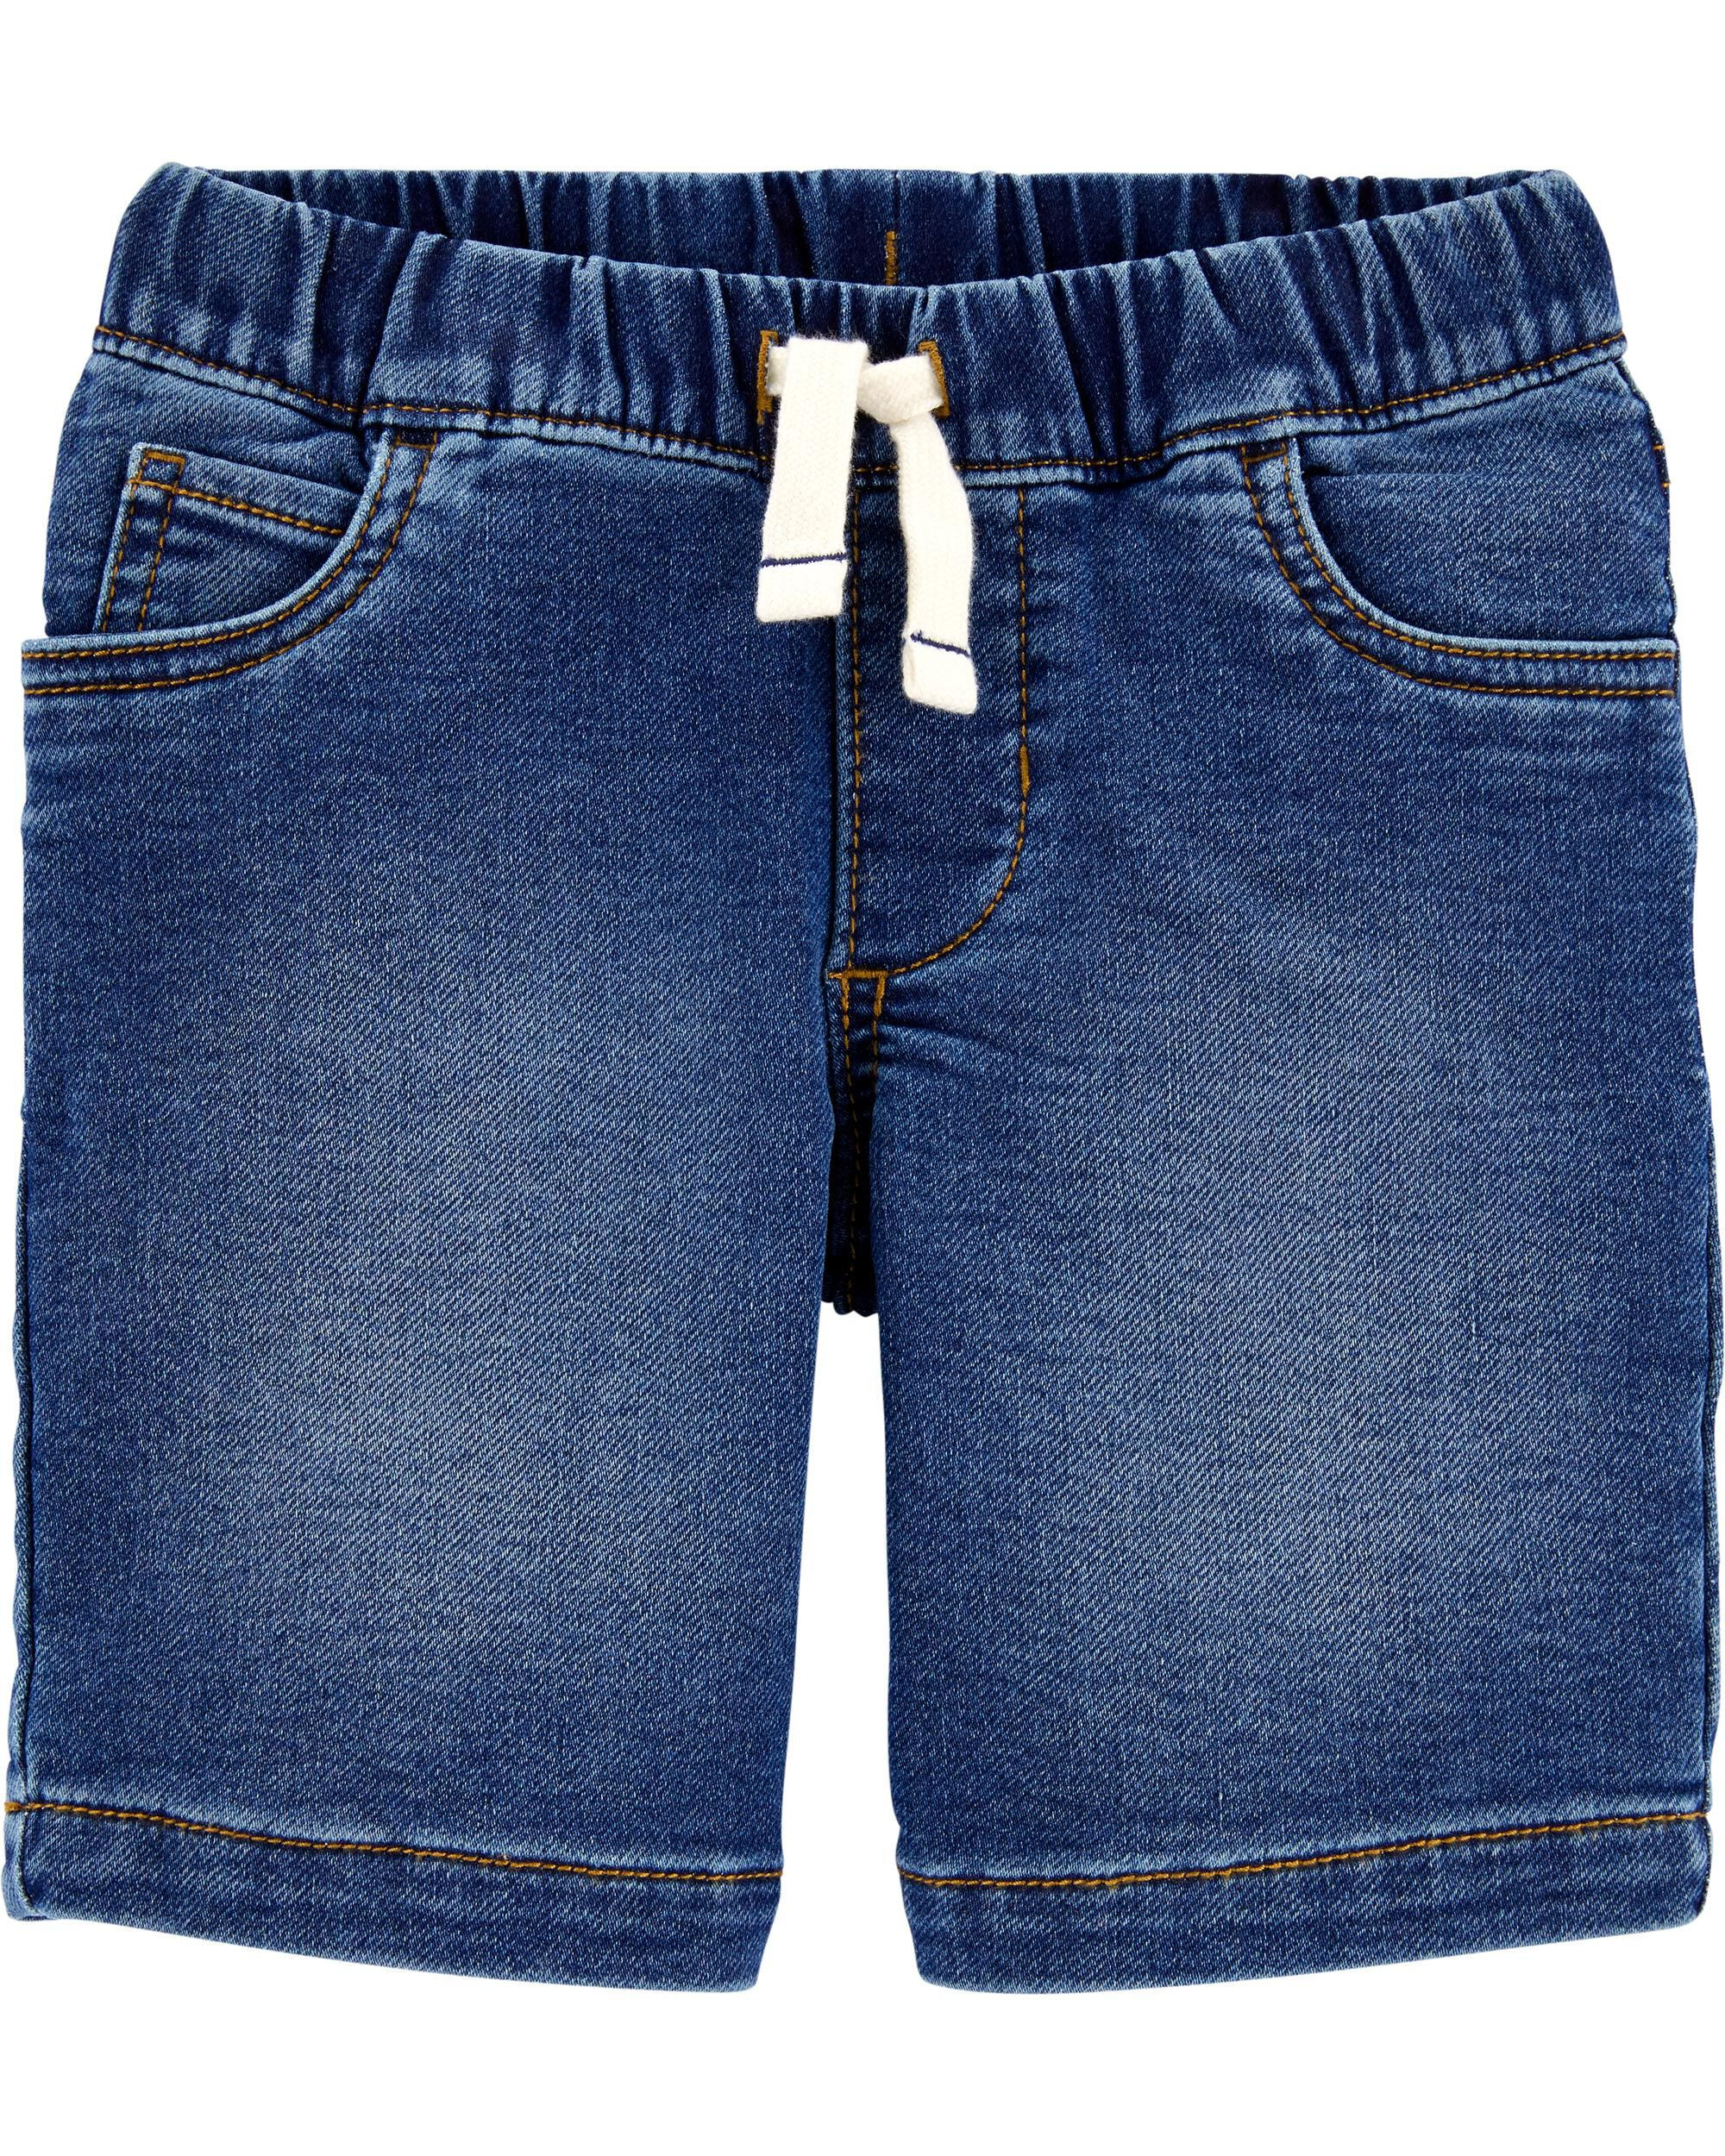 *DOORBUSTER* Pull-On Knit Denim Shorts